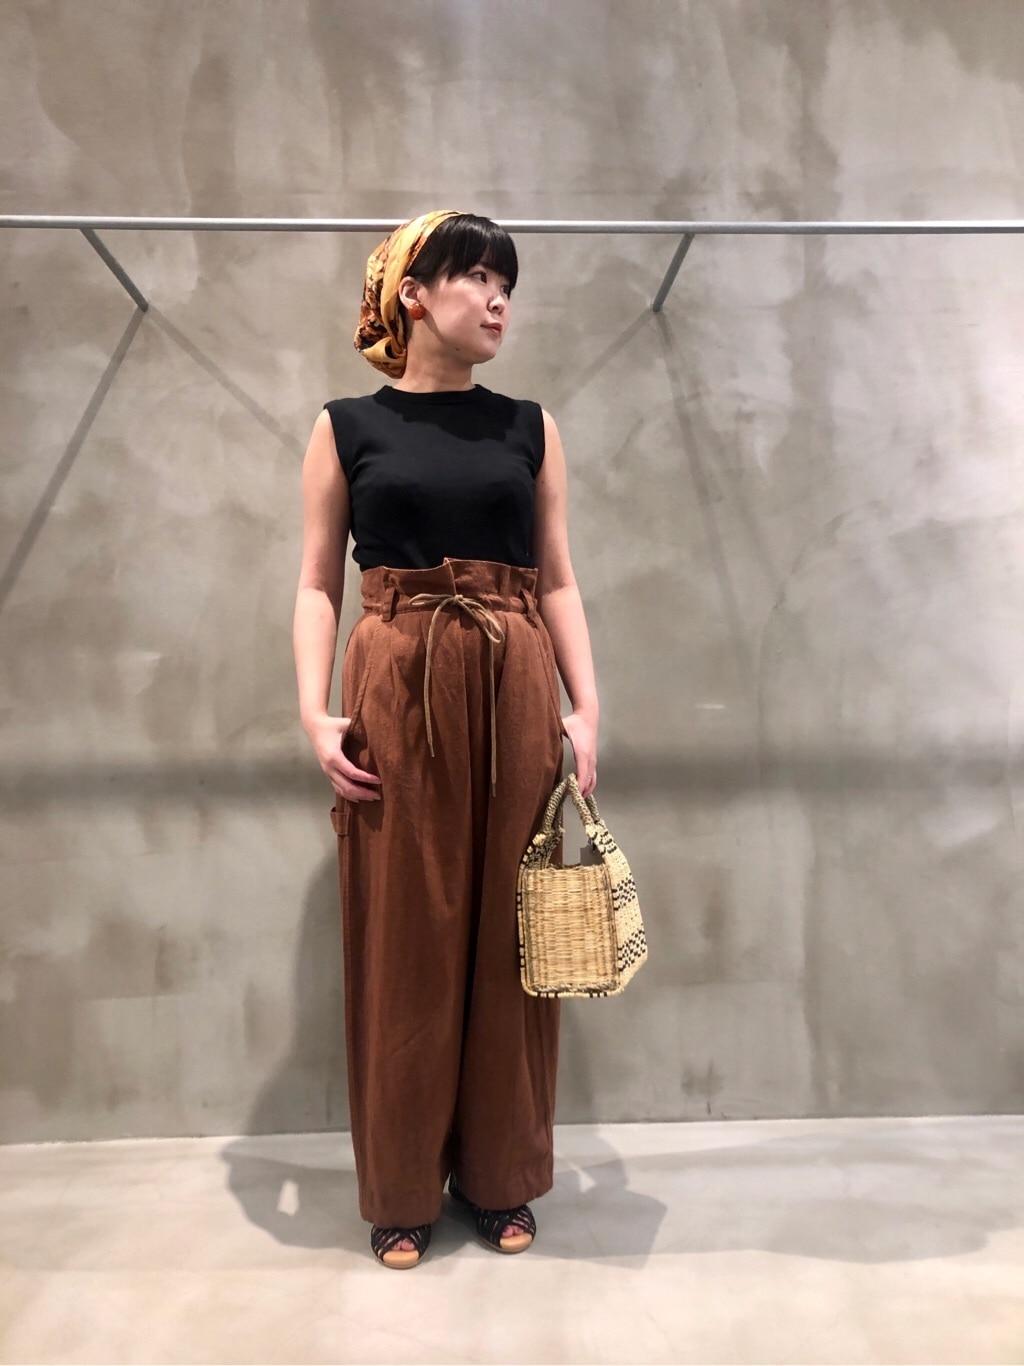 渋谷スクランブルスクエア 2020.04.11